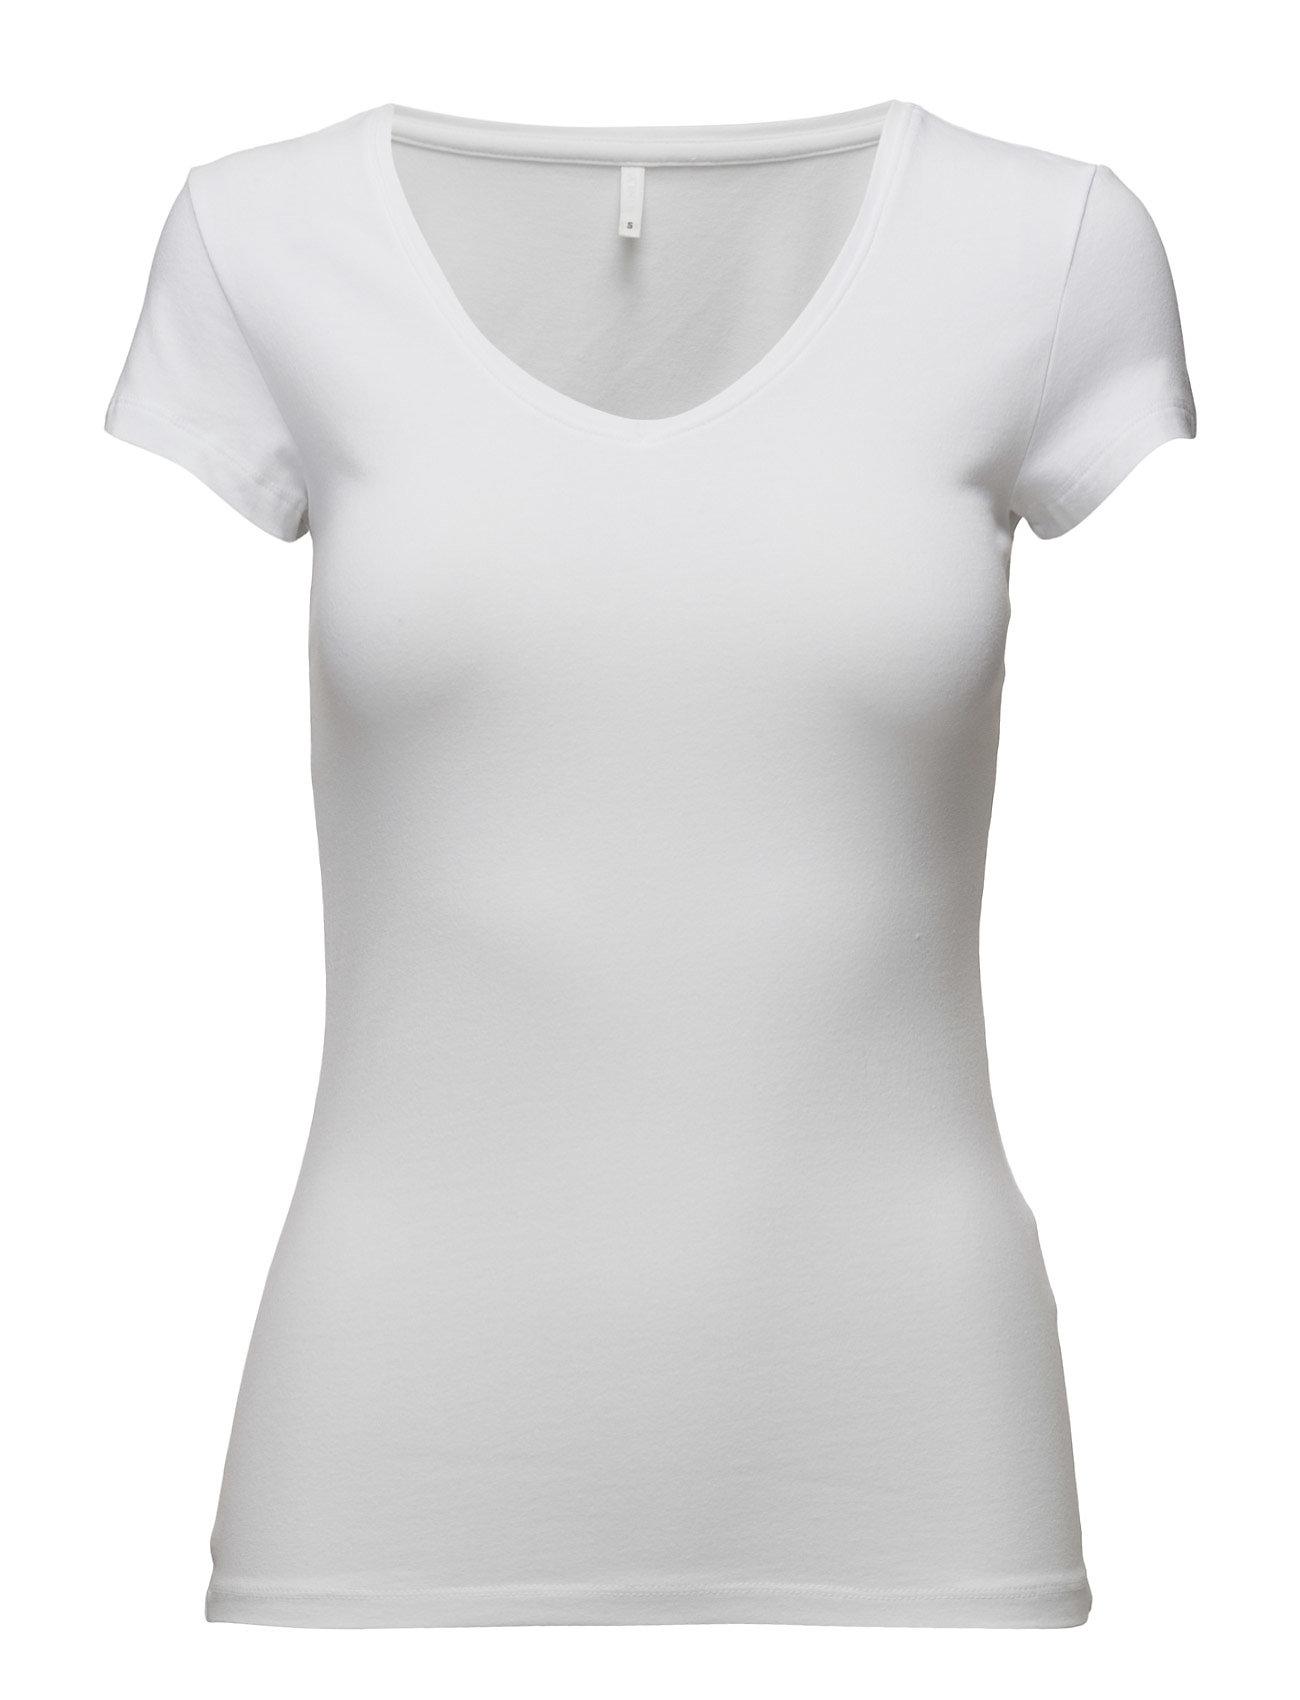 Onllive Love New Ss V-Neck Top Noos ONLY T-shirts & toppe til Kvinder i hvid